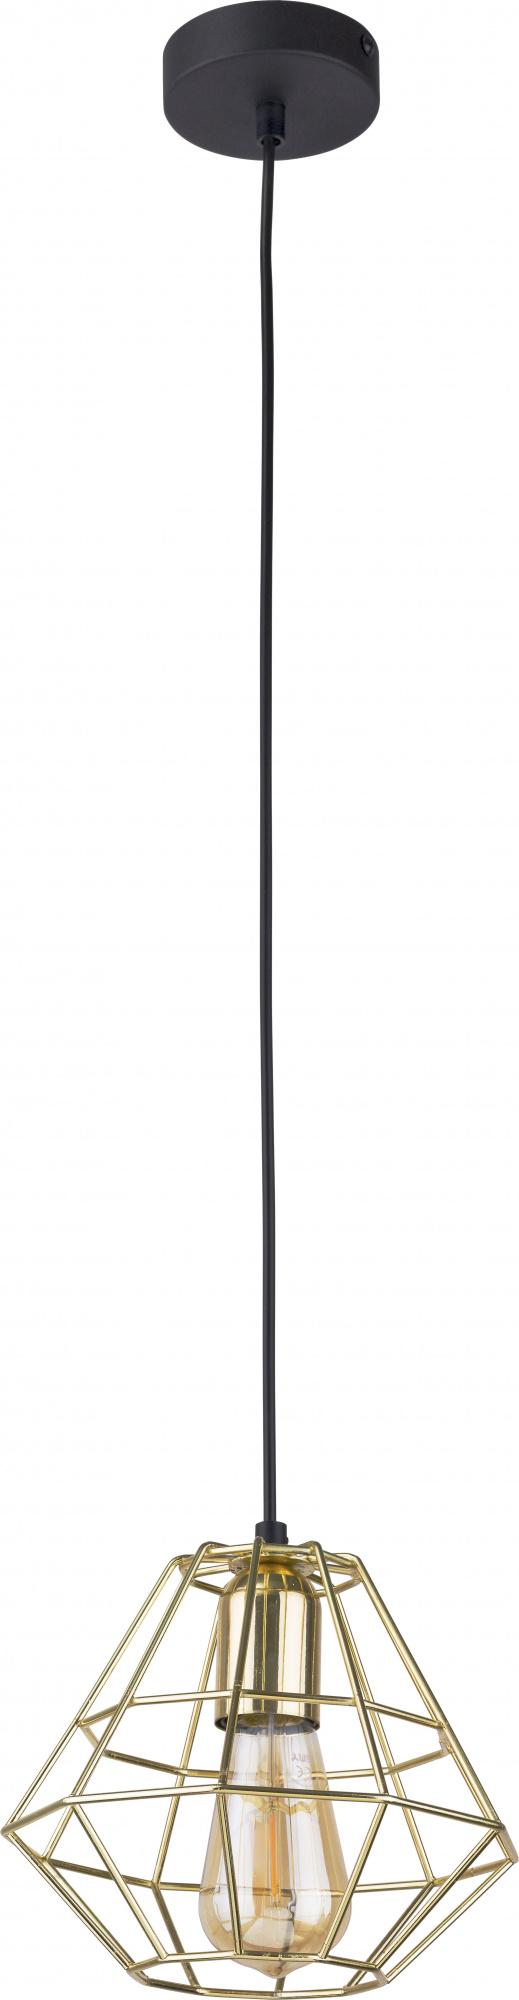 TK Lighting TK-1724 Diamond lámpa függeszték